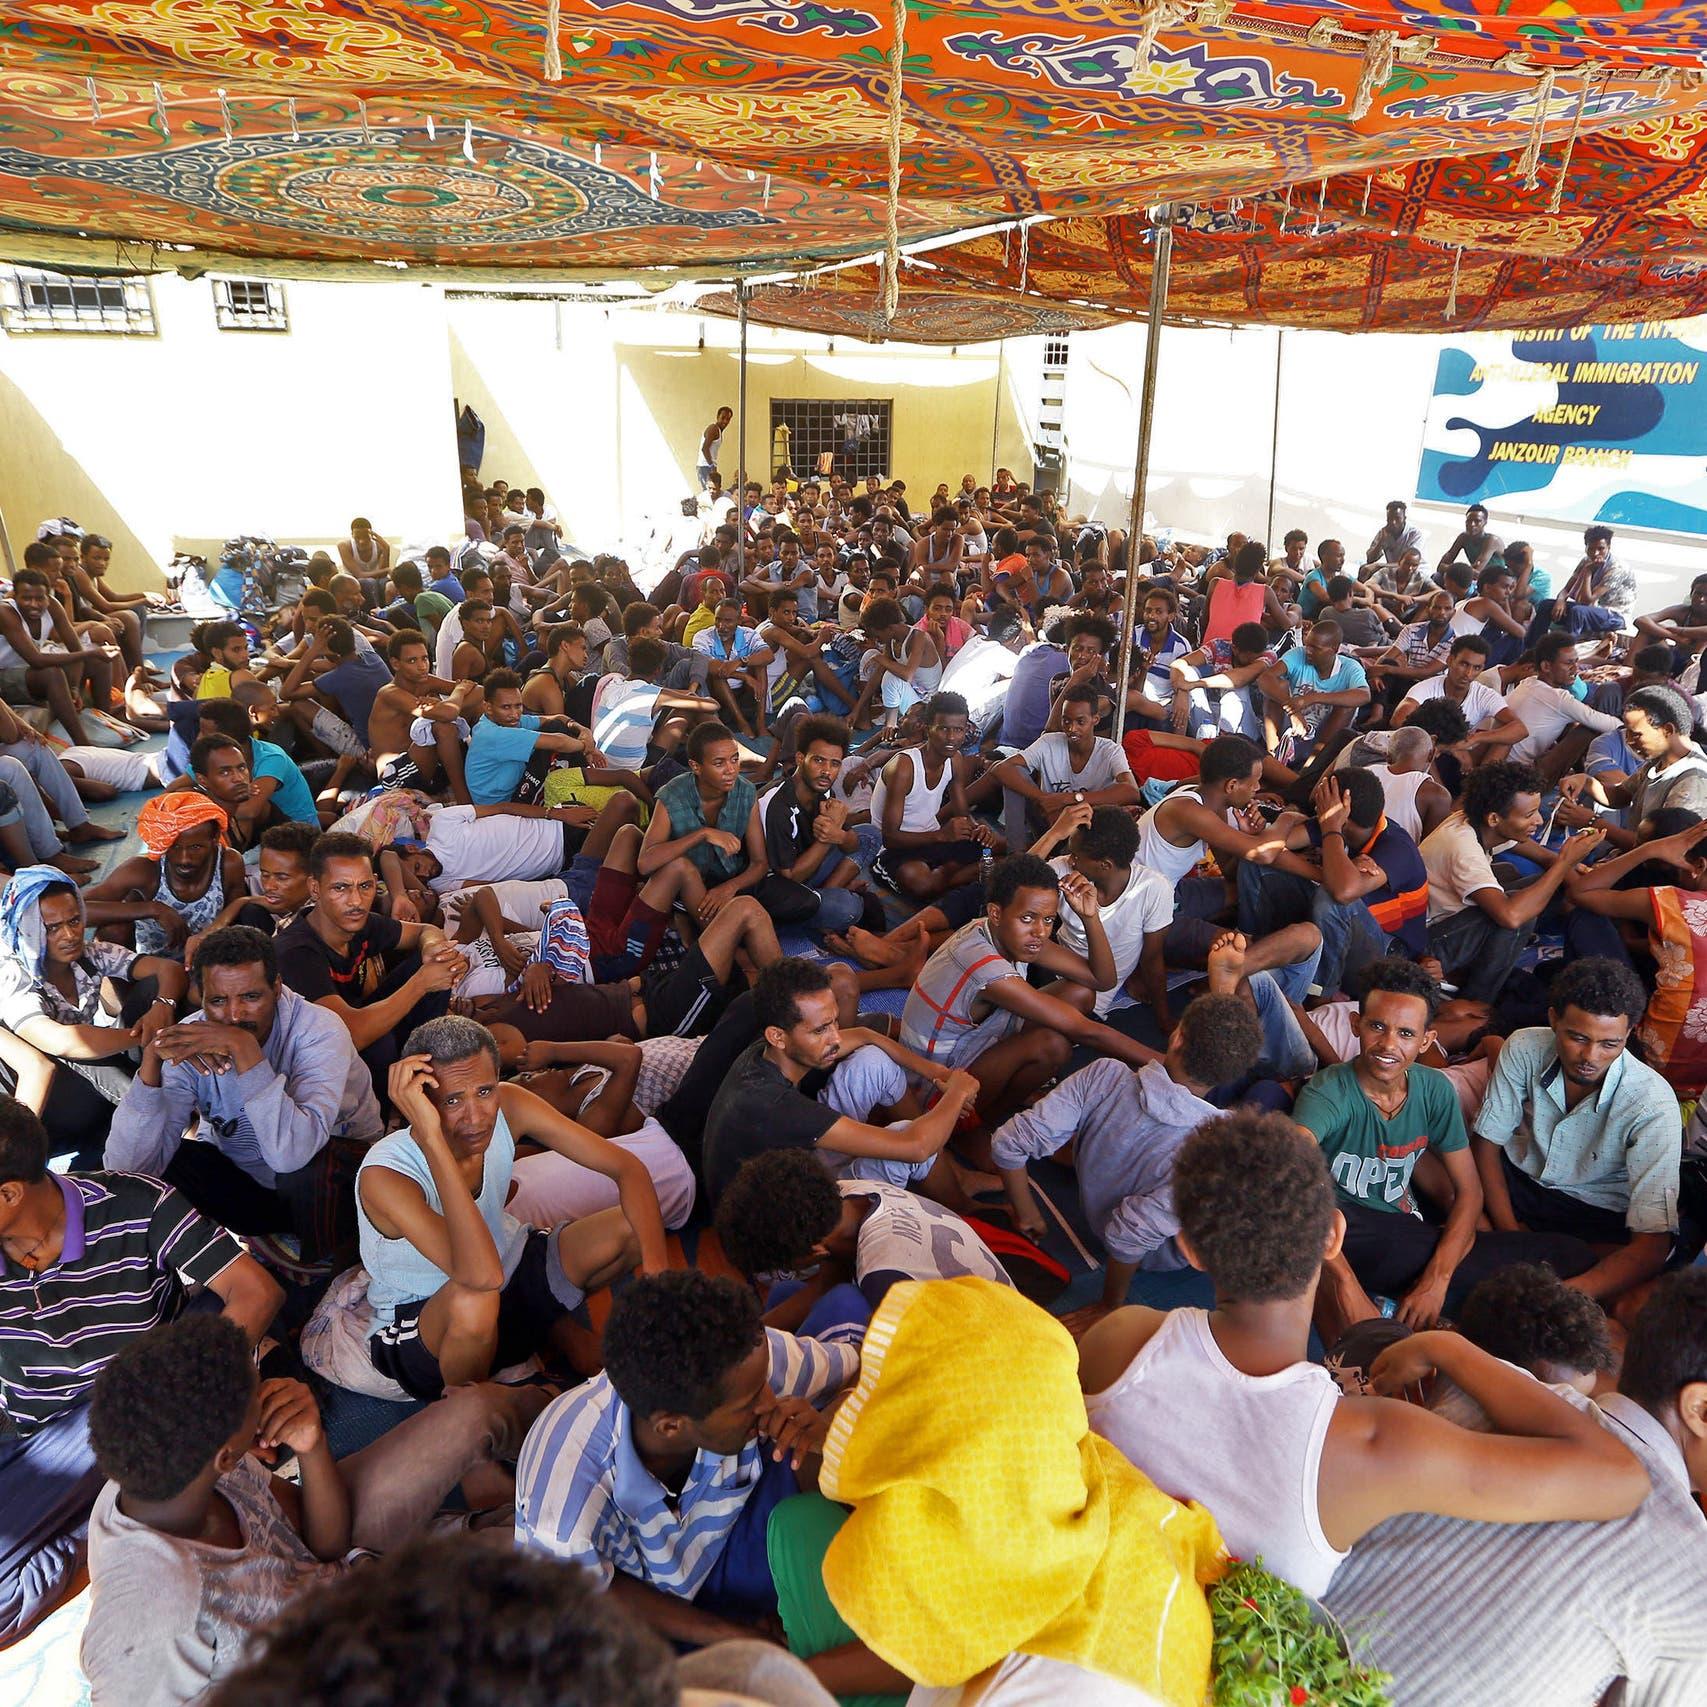 تعذيب وابتزاز وعنف جنسي.. جحيم المهاجرين في ليبيا